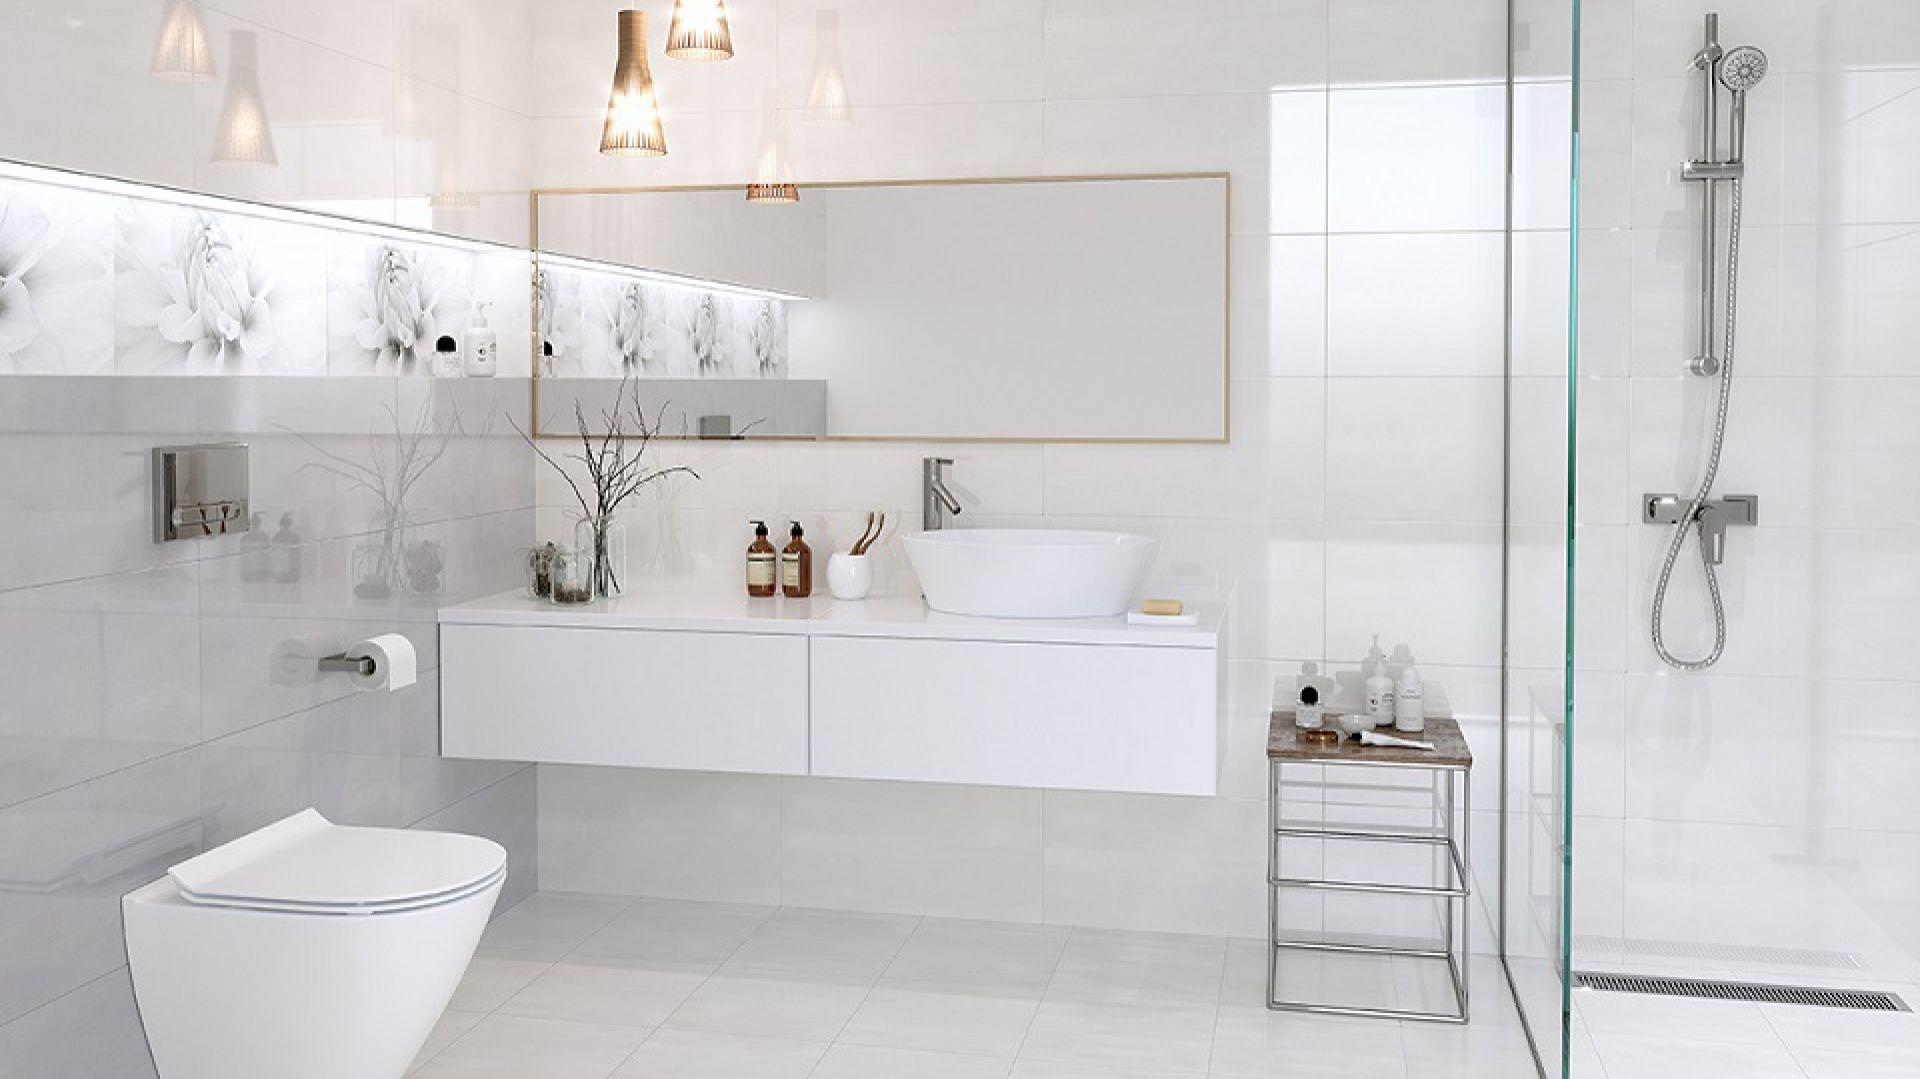 azienka inspirowana pomys na azienk w stylu wabi sabi zobacz koniecznie. Black Bedroom Furniture Sets. Home Design Ideas